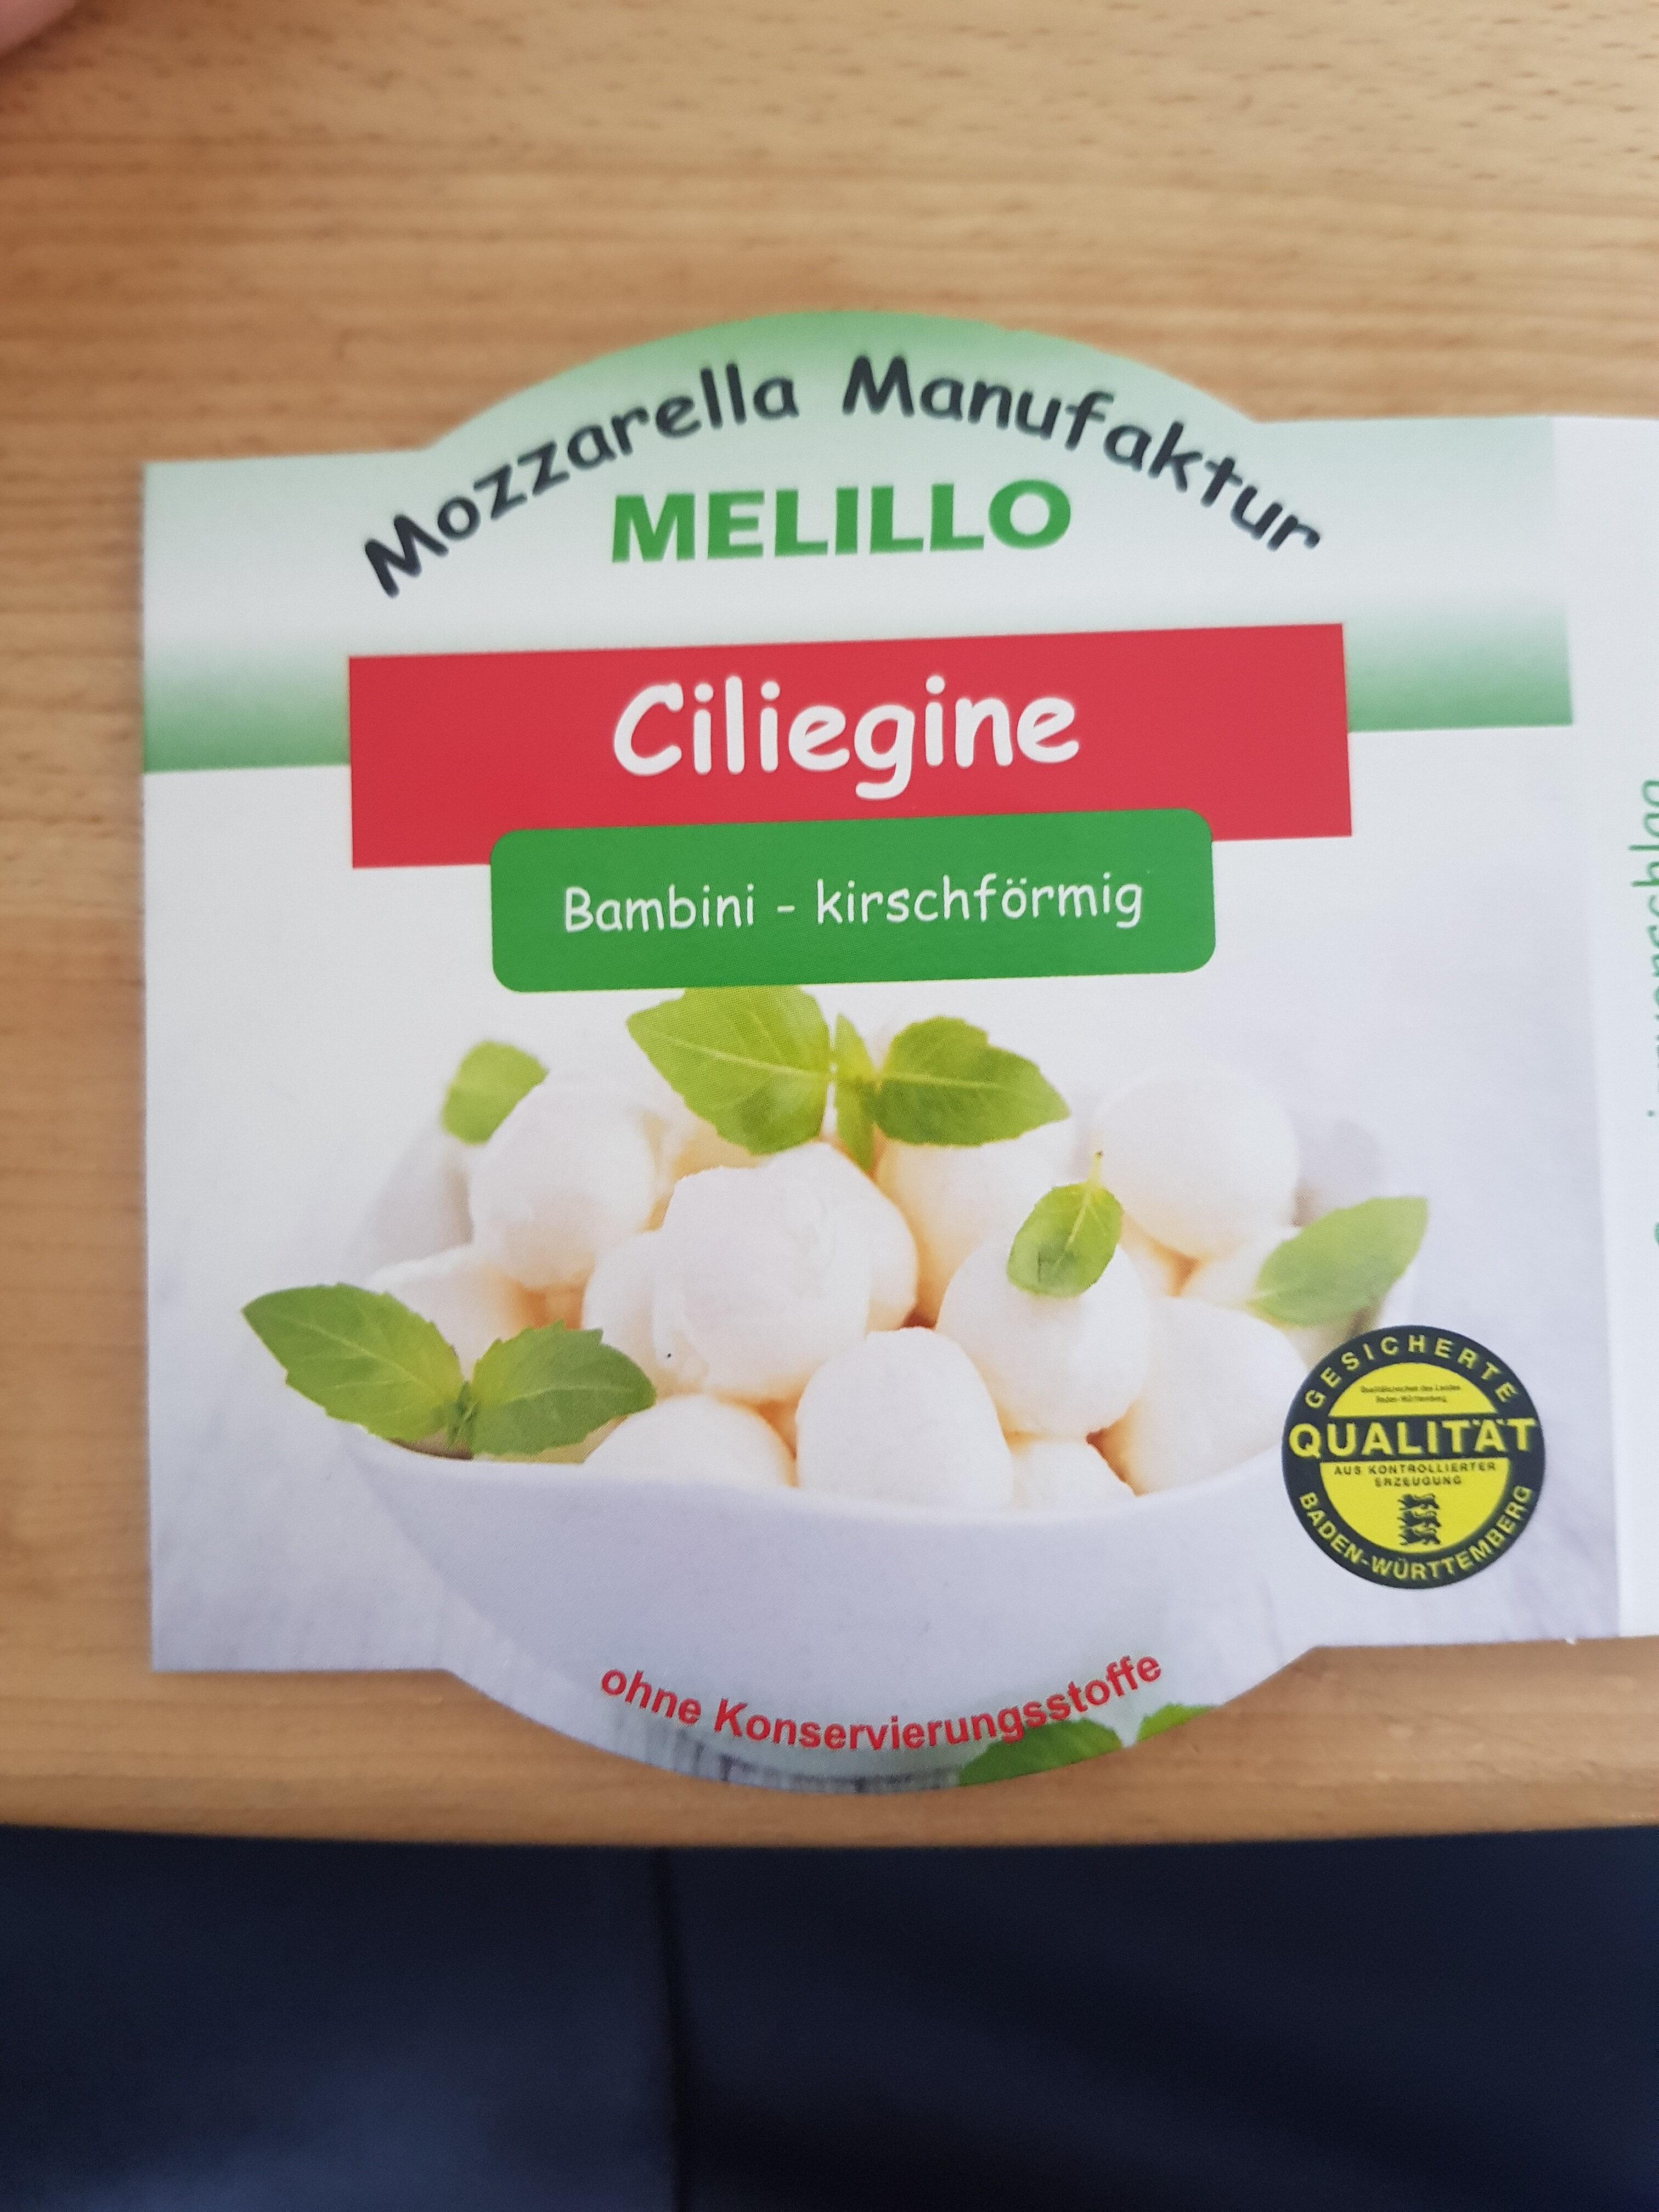 Melillo's Ciliegine - Product